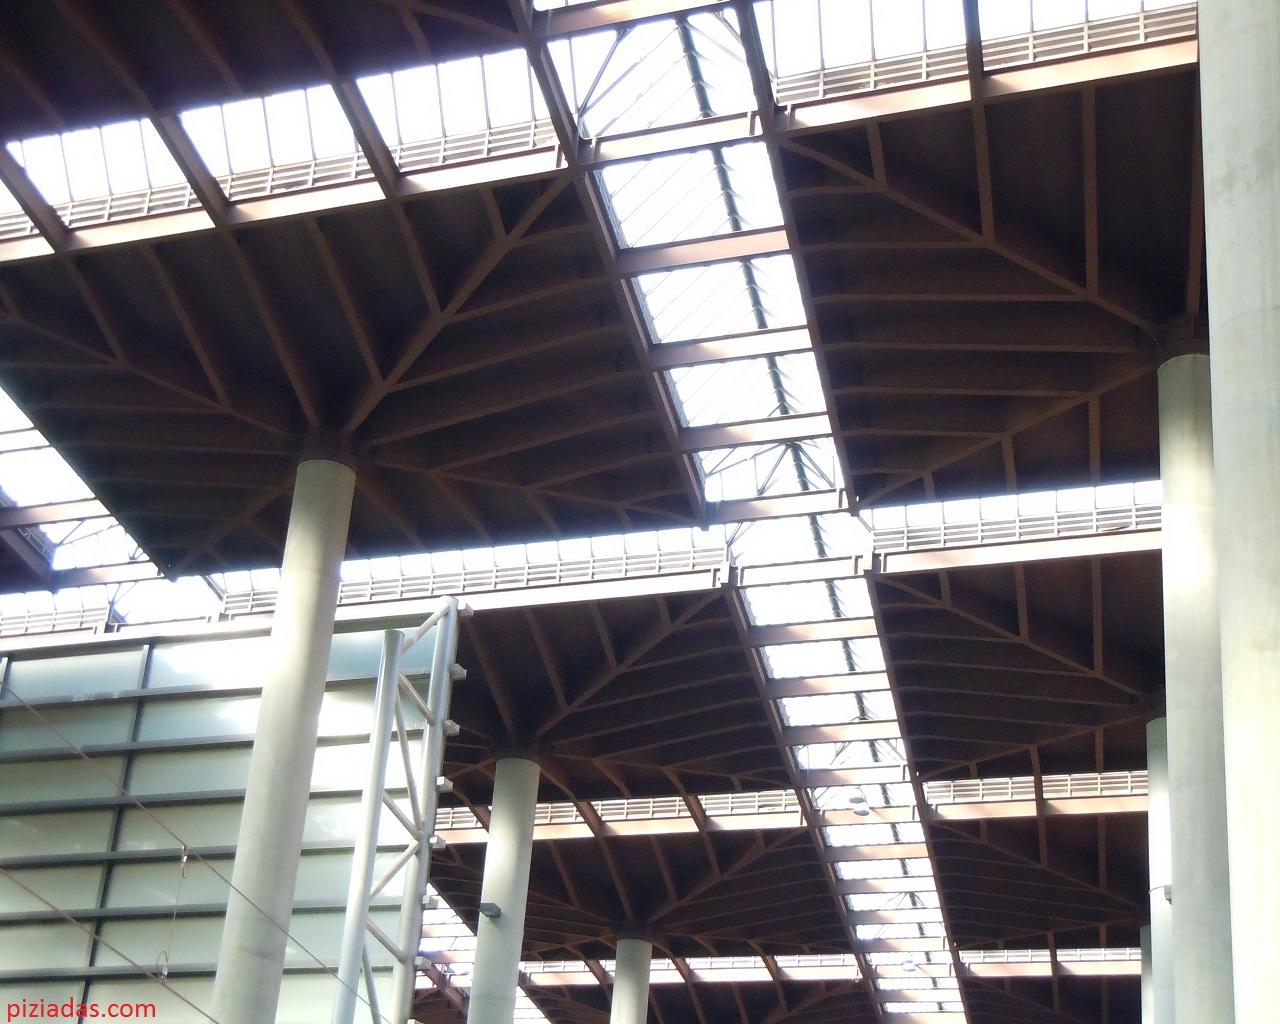 Techo estación Atocha